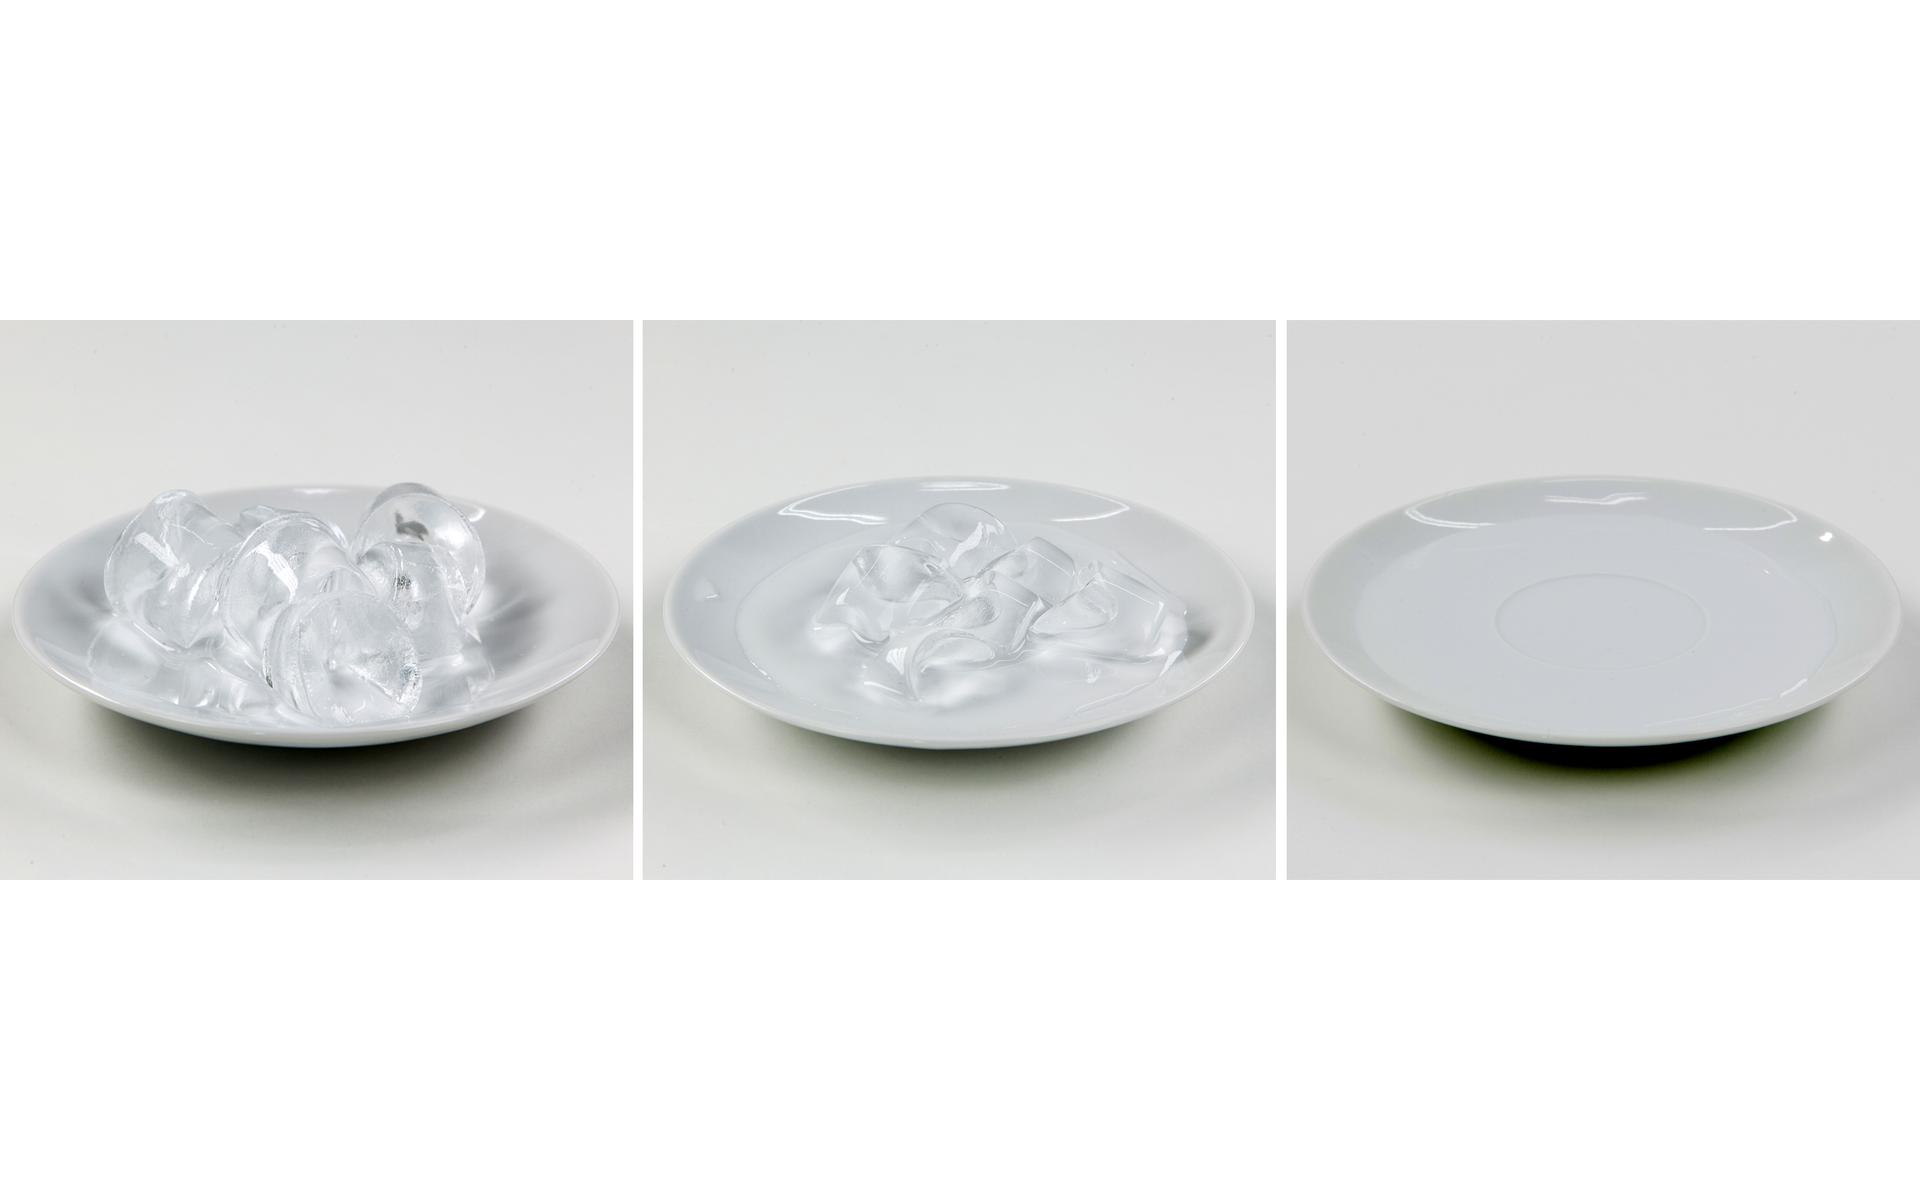 Ilustracja prezentuje trzy zdjęcia umieszczone obok siebie. Na pierwszym od lewej znajduje się biały talerzyk zkostkami lodu na jasnym tle. Drugie przedstawia te same kostki częściowo rozpuszczone, atrzecie talerzyk wypełniony wodą powstałą zcałkowitego rozpuszczenia lodu.